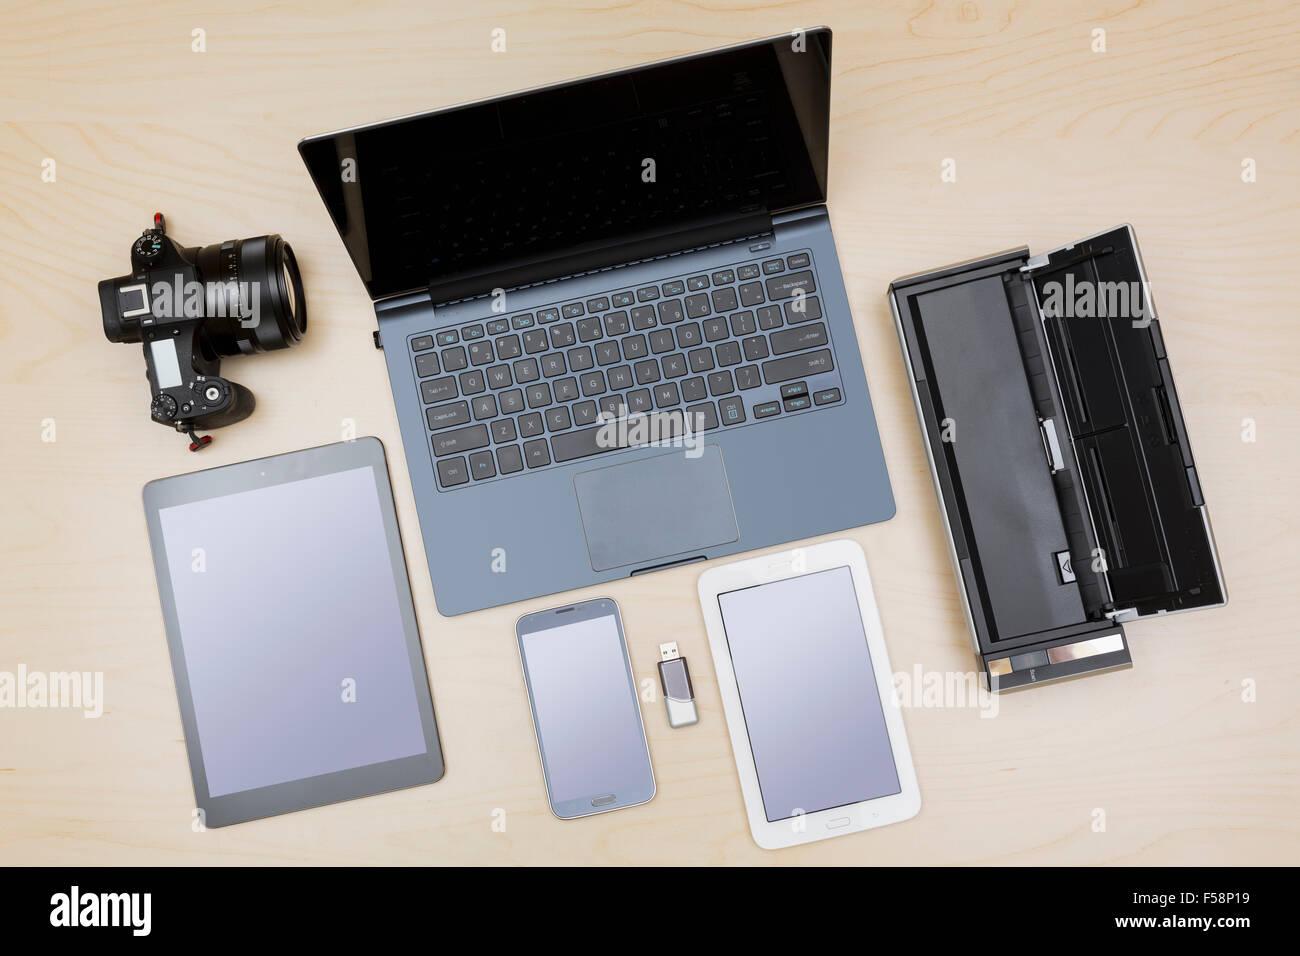 Vue supérieure de l'équipement numérique, appareils ou gadgets - portable, ordinateur portable, Photo Stock